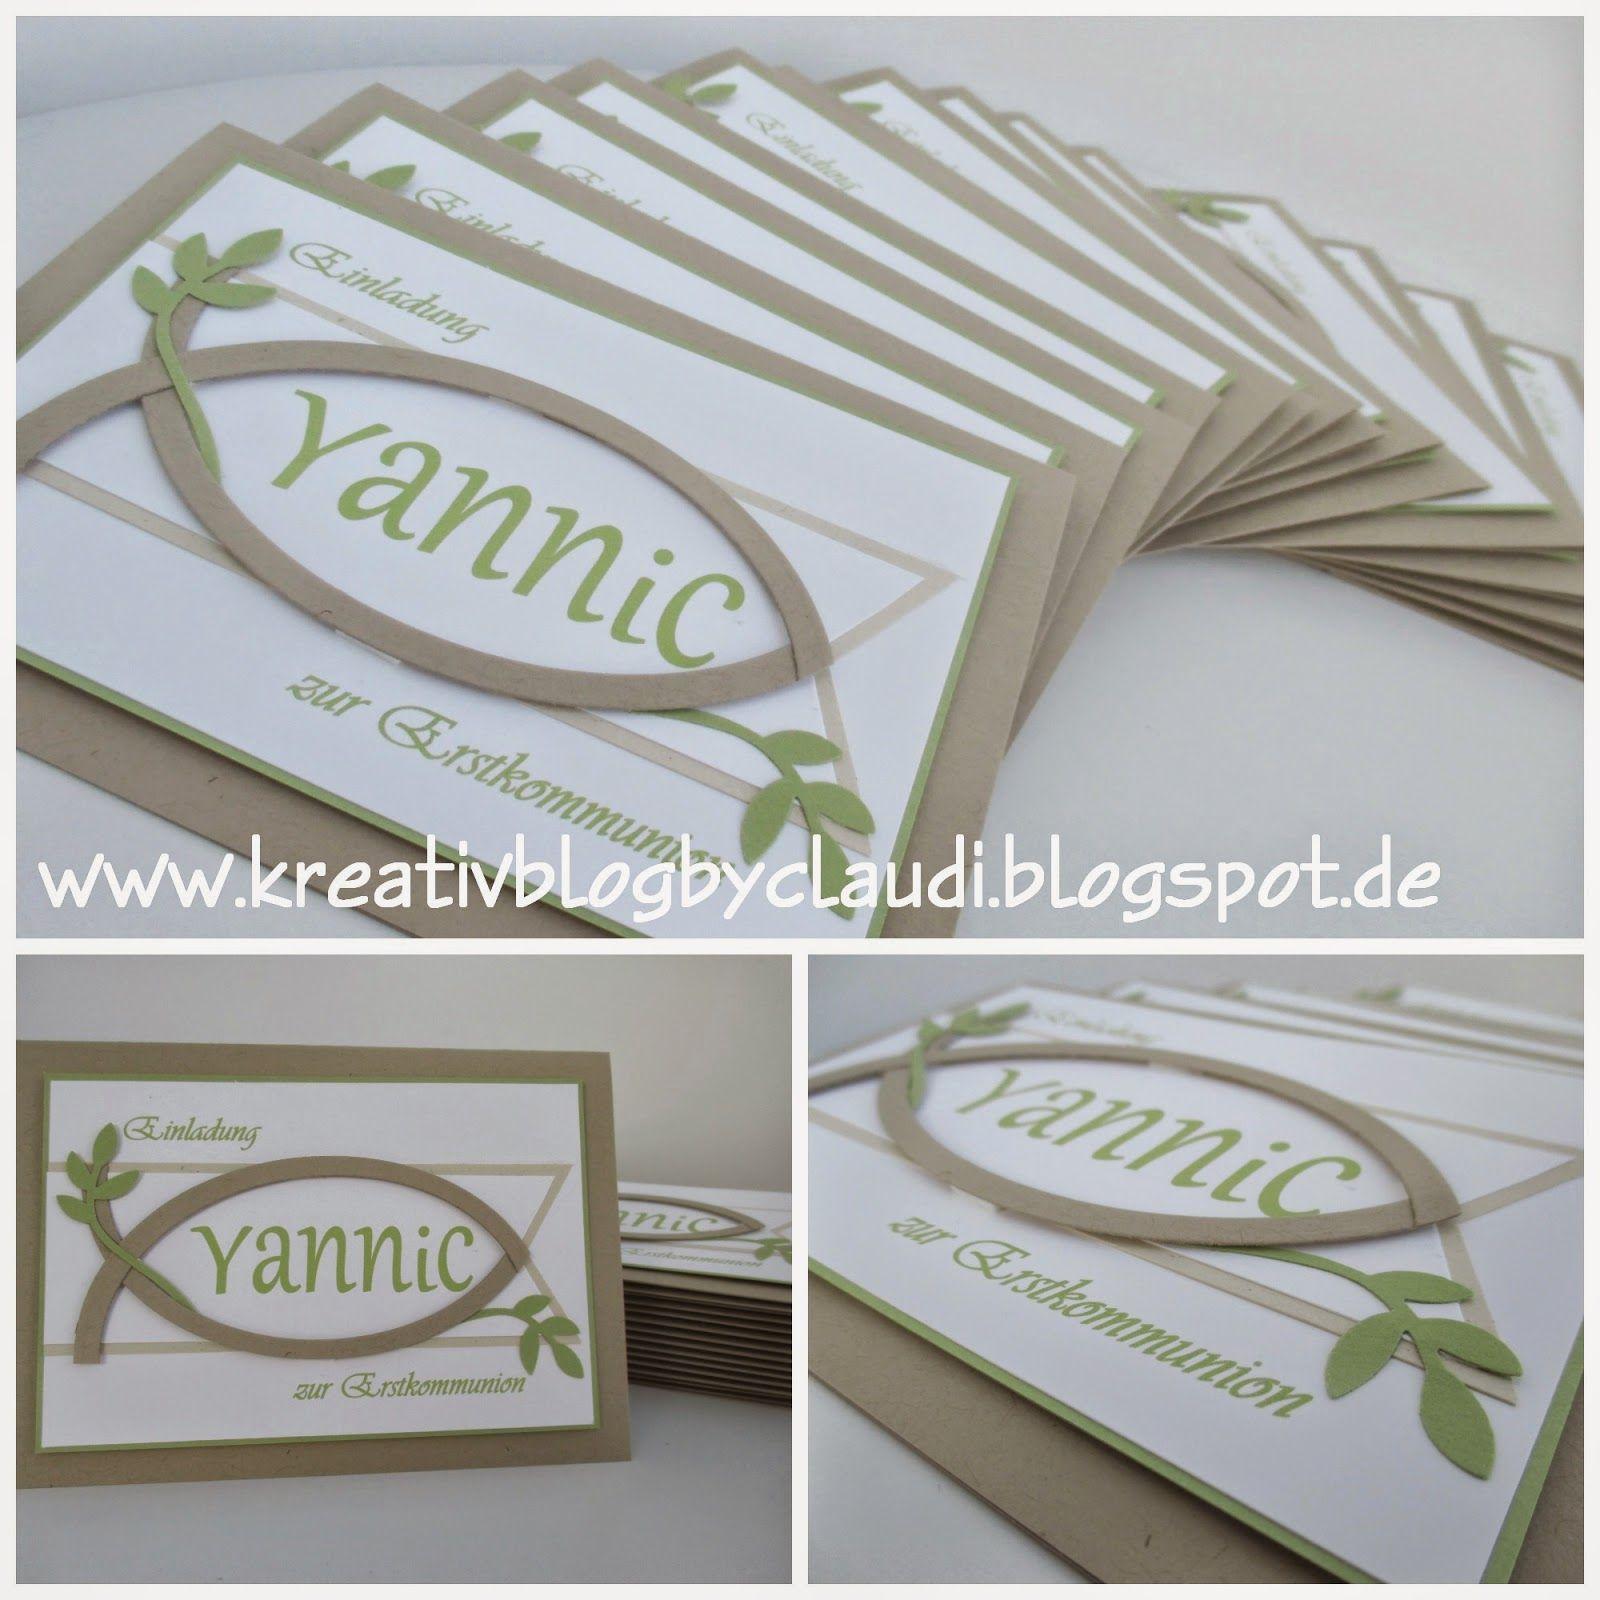 www.kreativblogbyclaudi.blogspot.de: einladung zur erstkommunion, Einladung